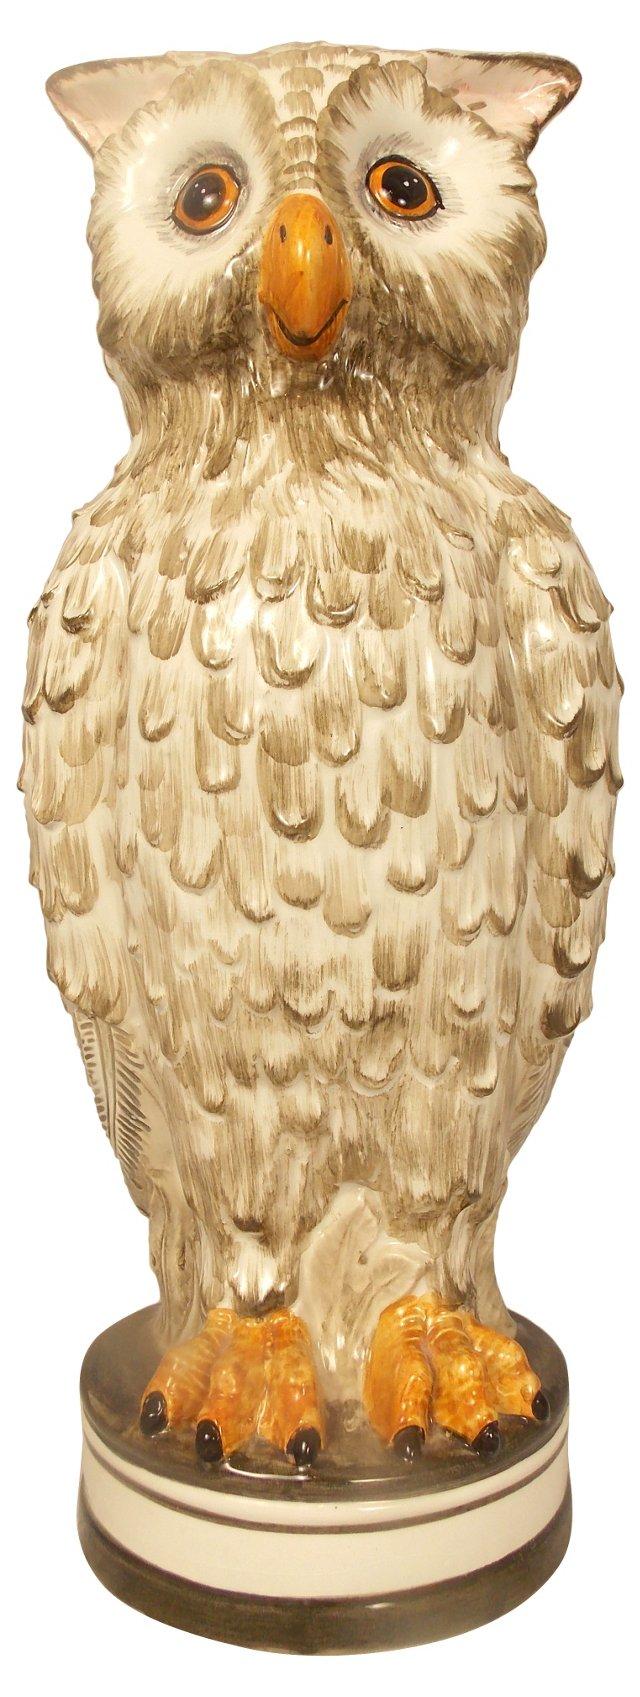 Italian Pottery Owl